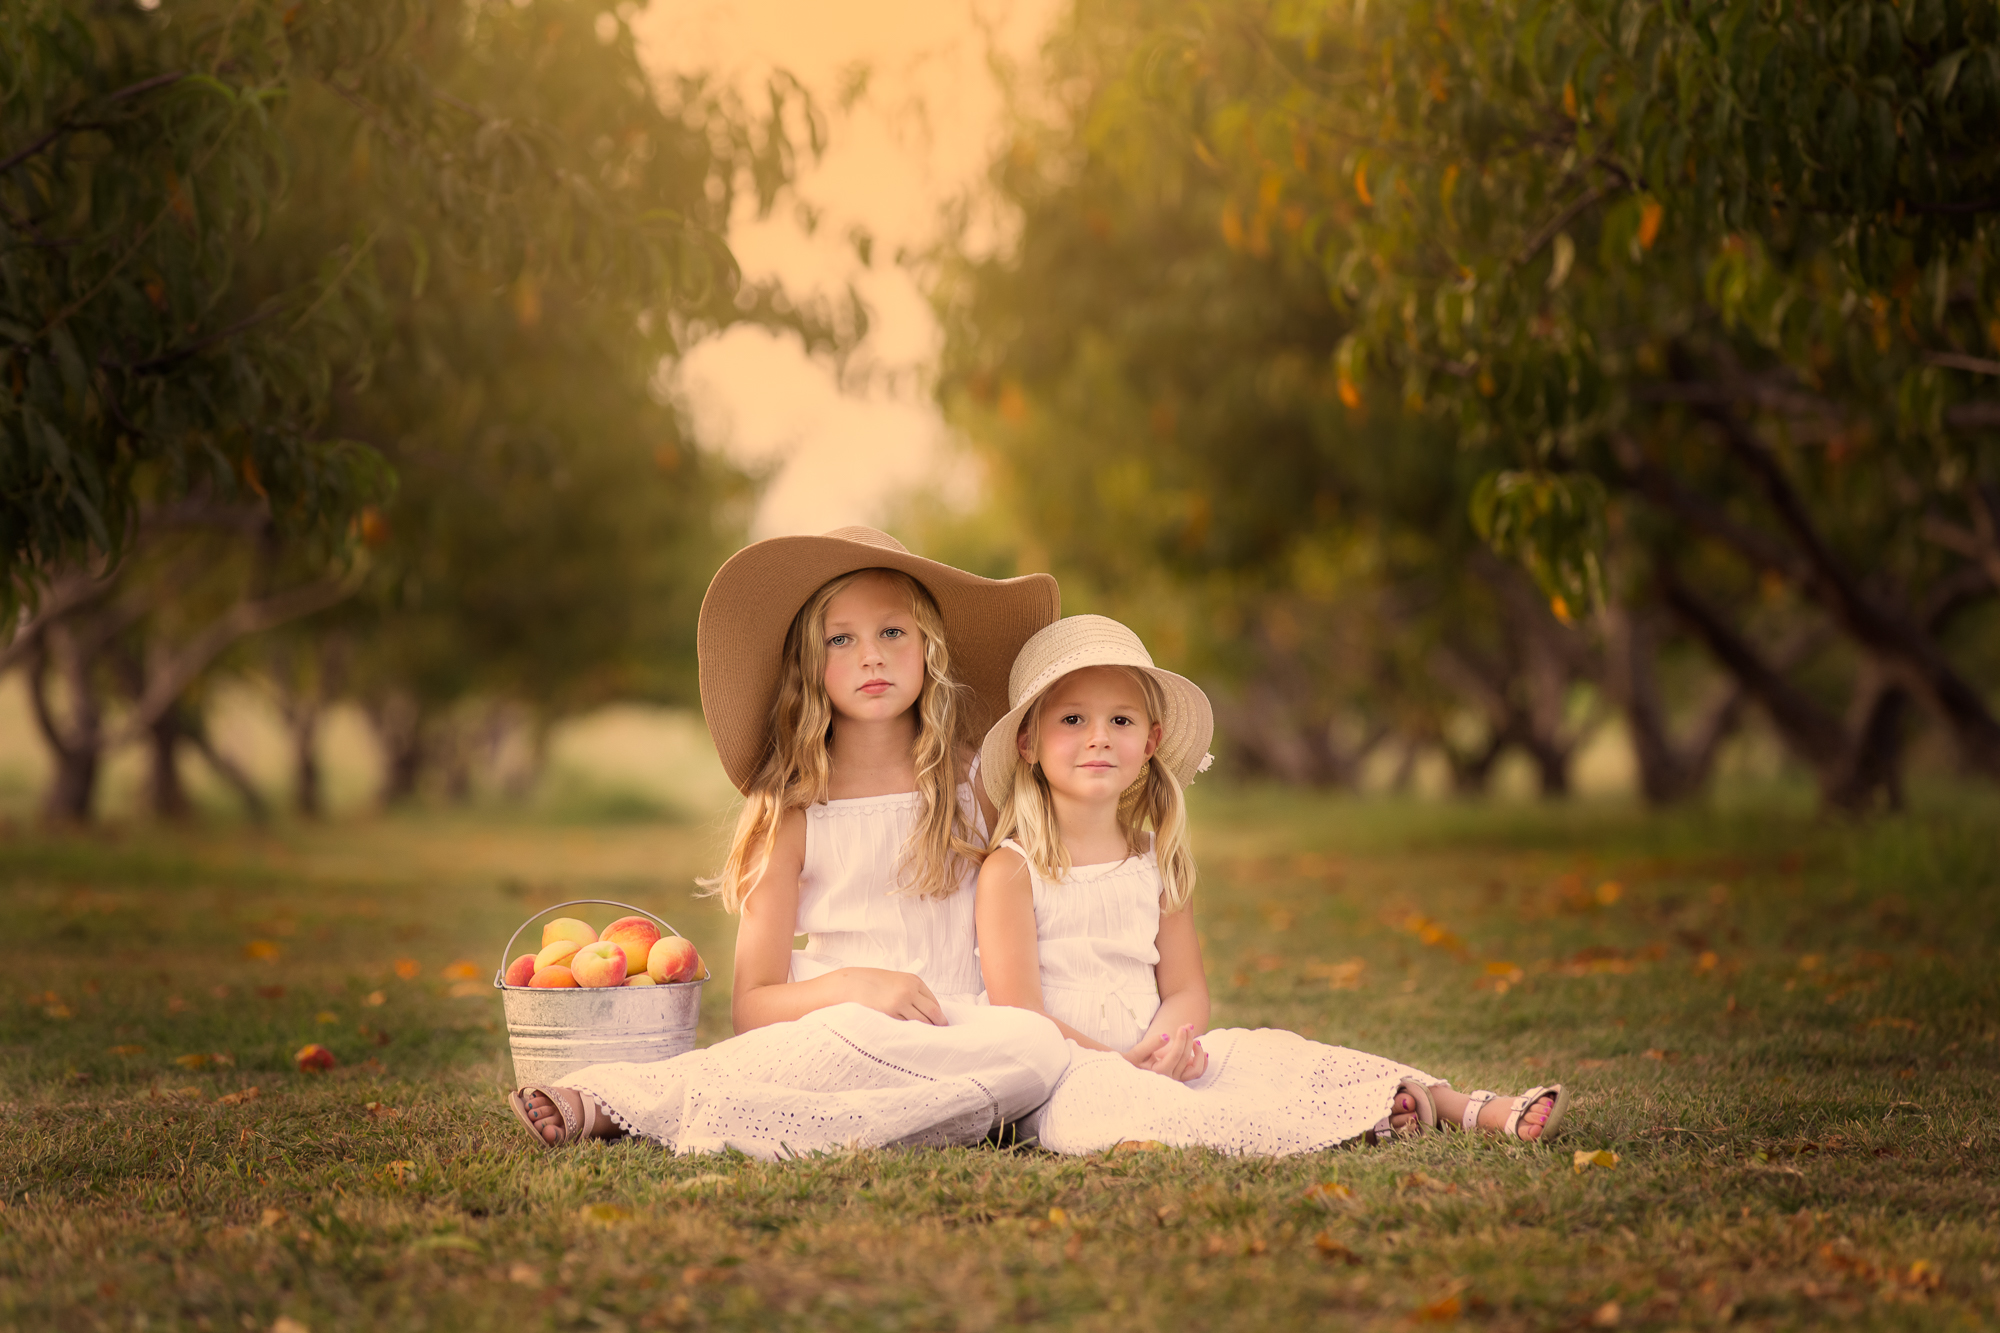 Fort Worth Children's Fine Art Photographer